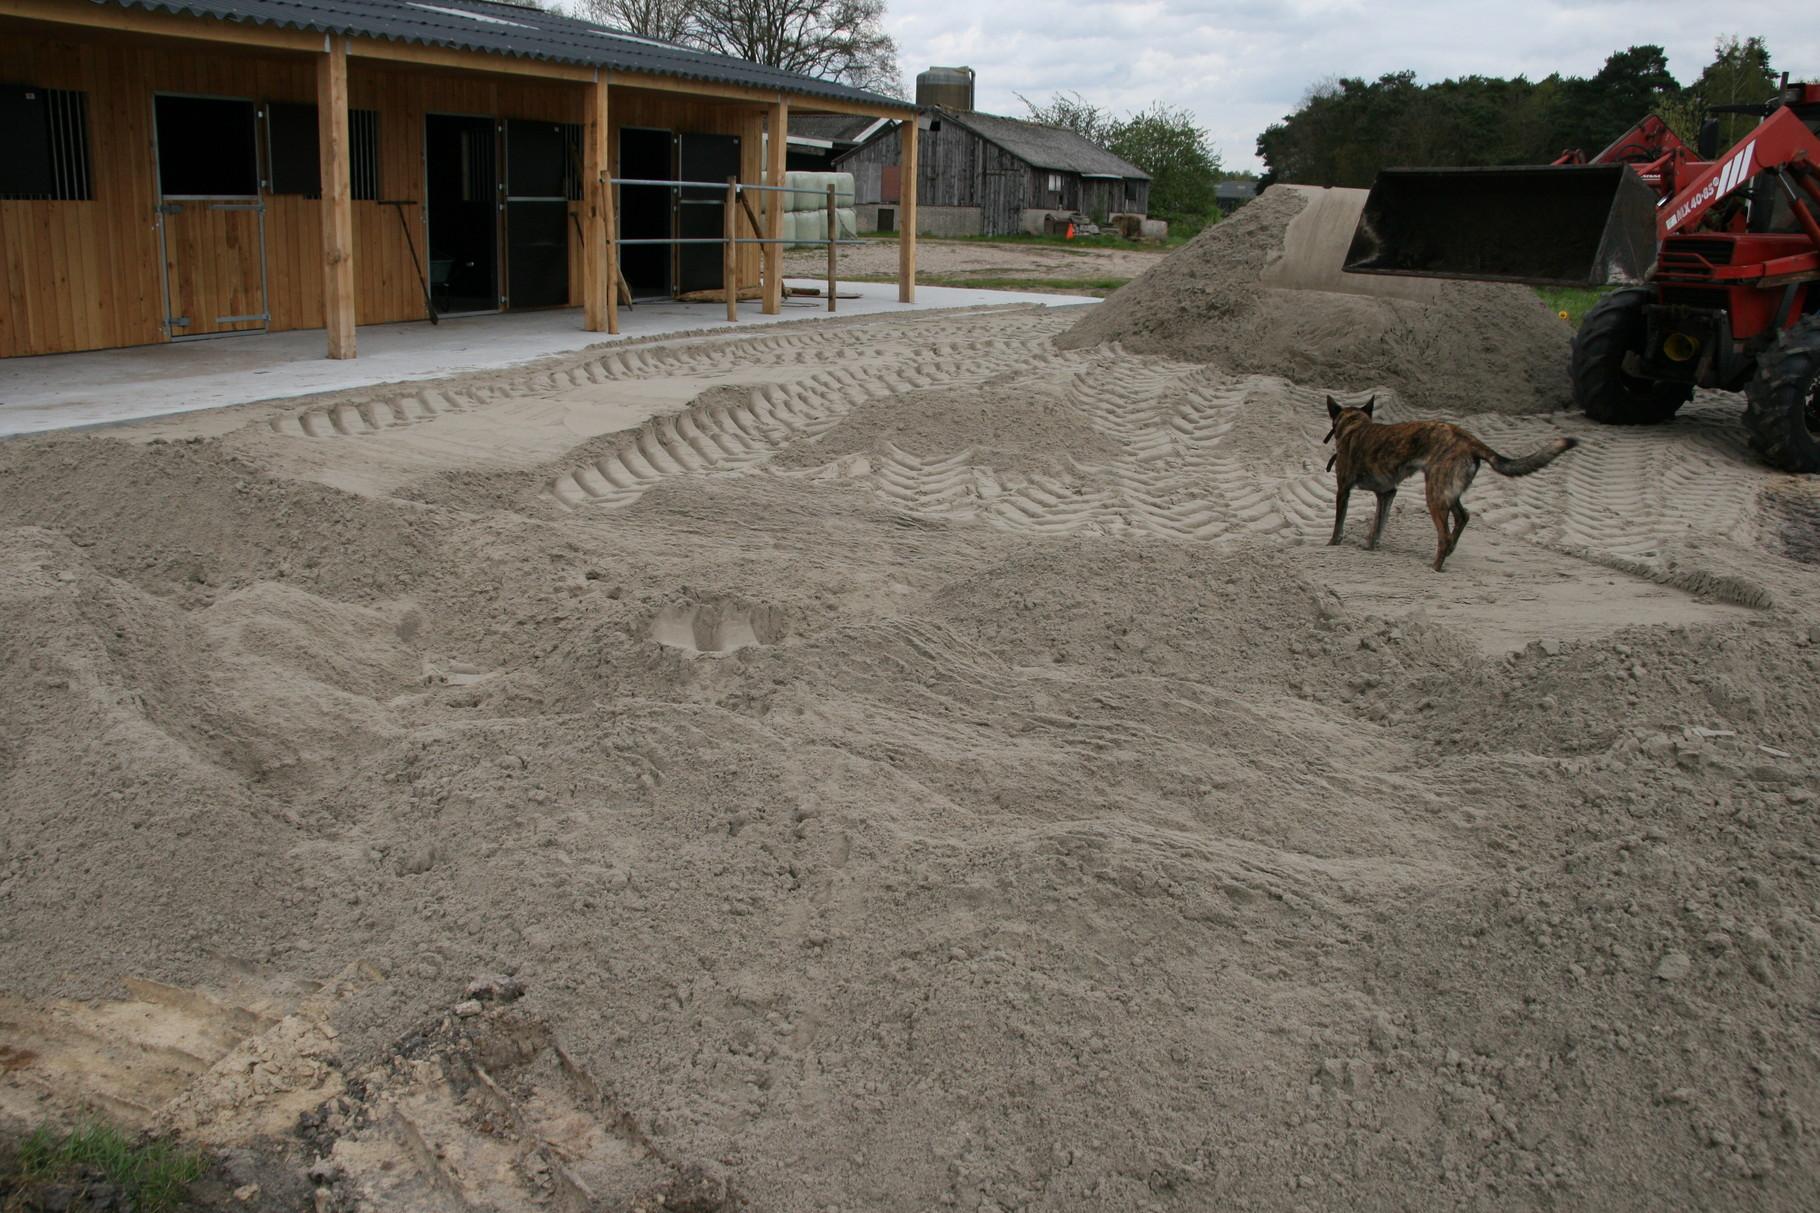 Zand, zand en nog eens zand!